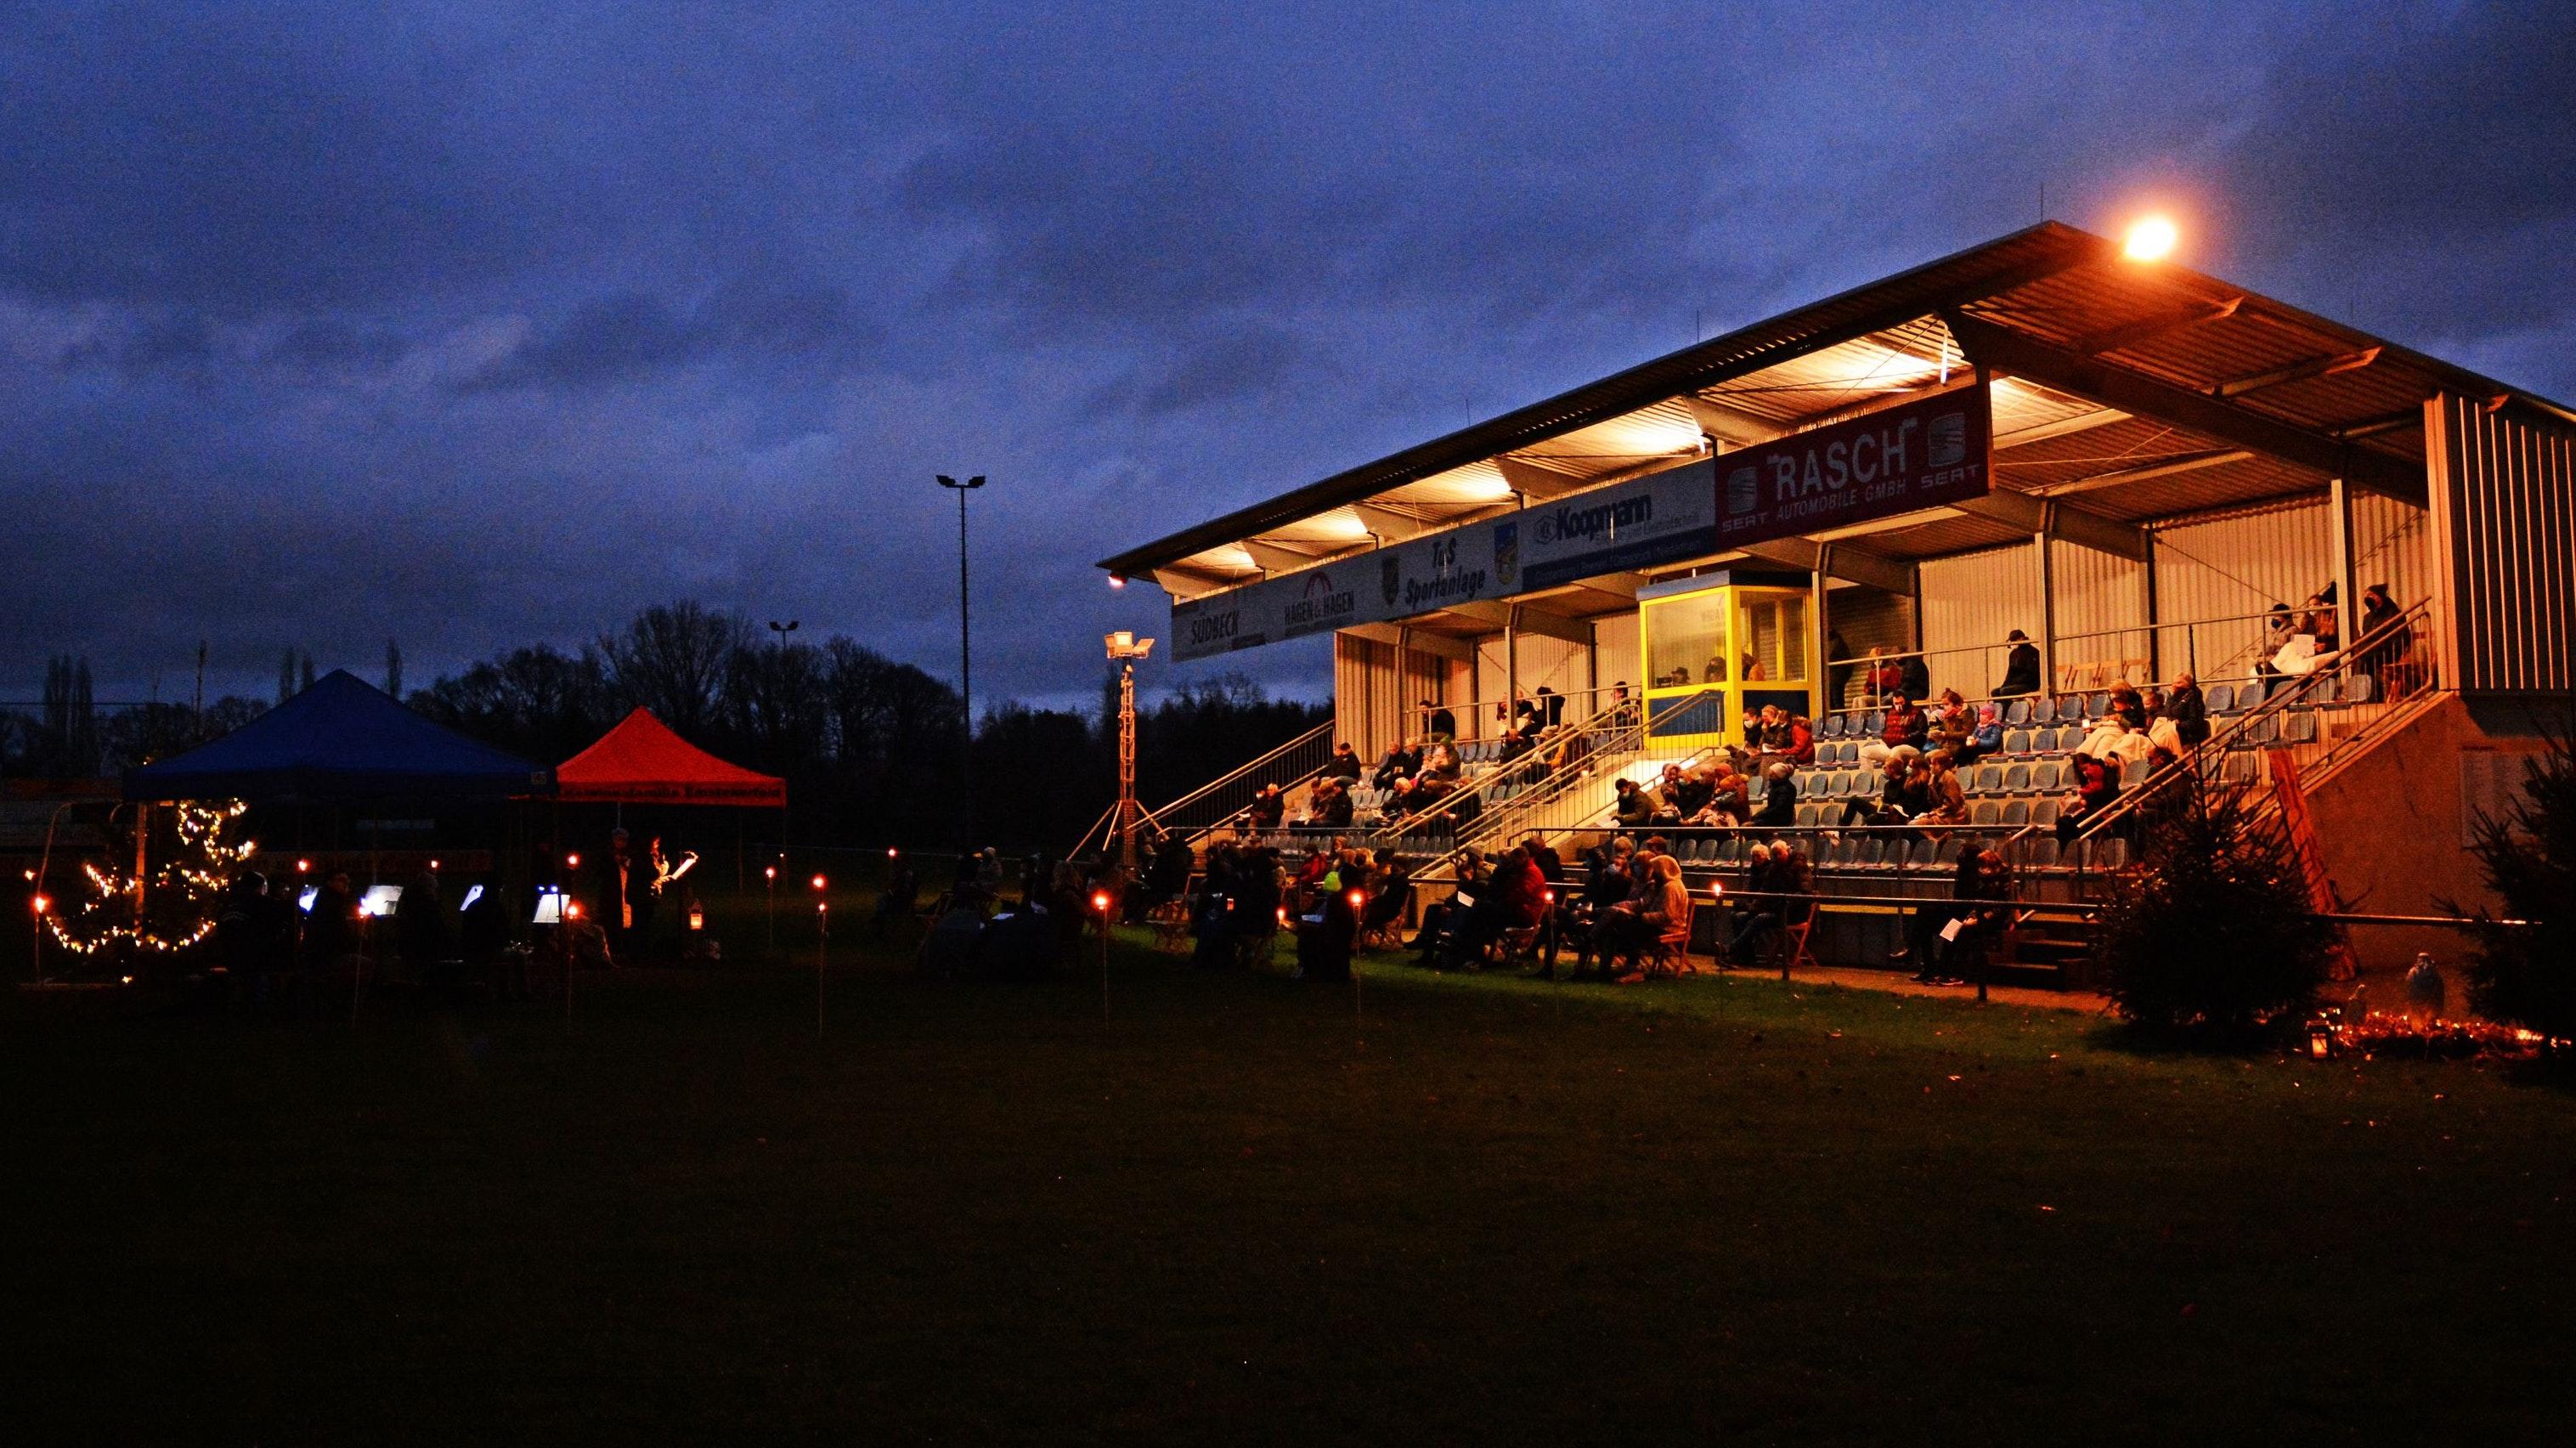 Christmette im Freien: Der Wortgottesdienst am Heiligabend fand unter anderem beim Sportplatz des TuS Emstekerfeld statt. Foto: Hermes